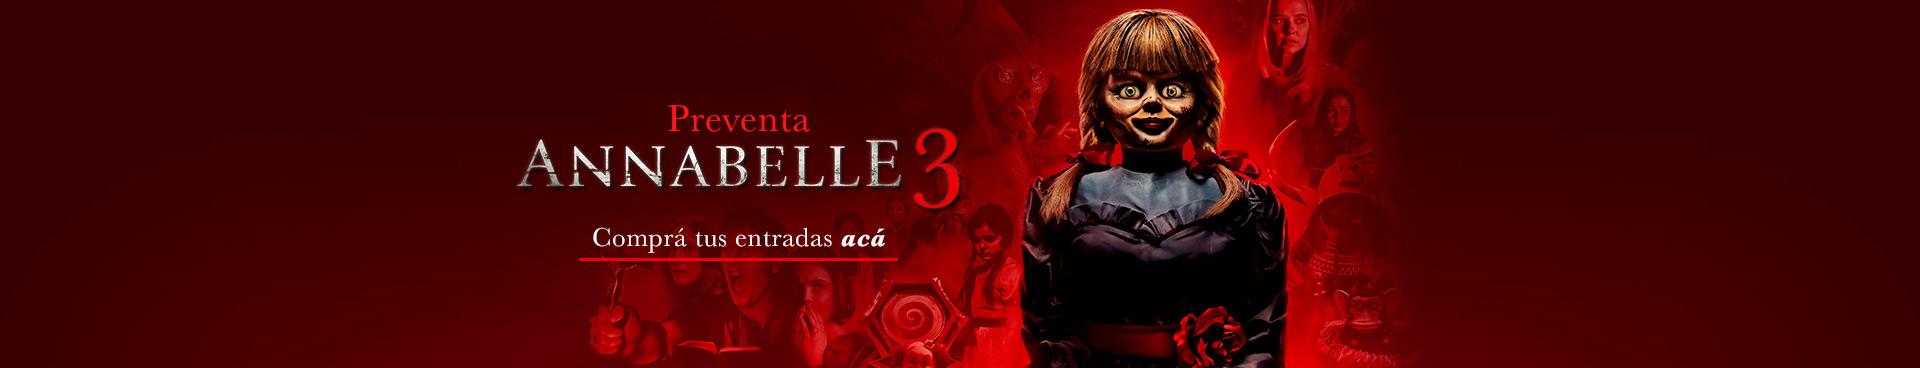 Preventa Annabelle 3